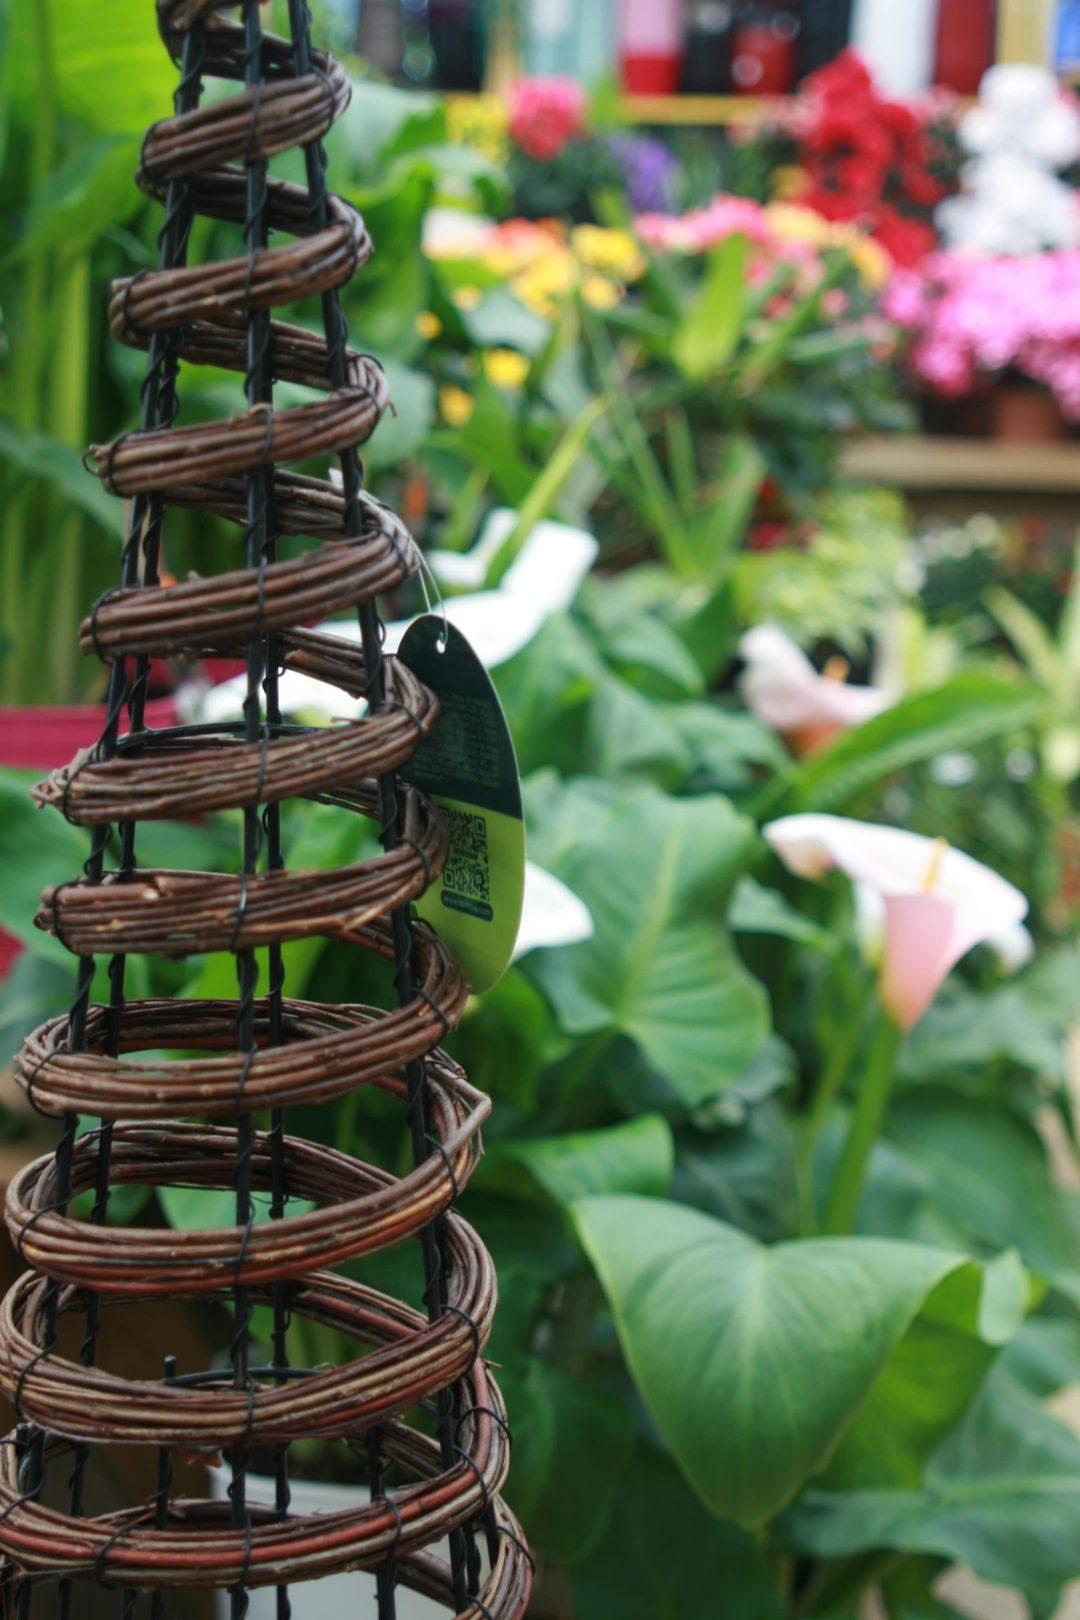 jardinerie perigny garden vente plante fleur jardin - 94 val de marne (14)